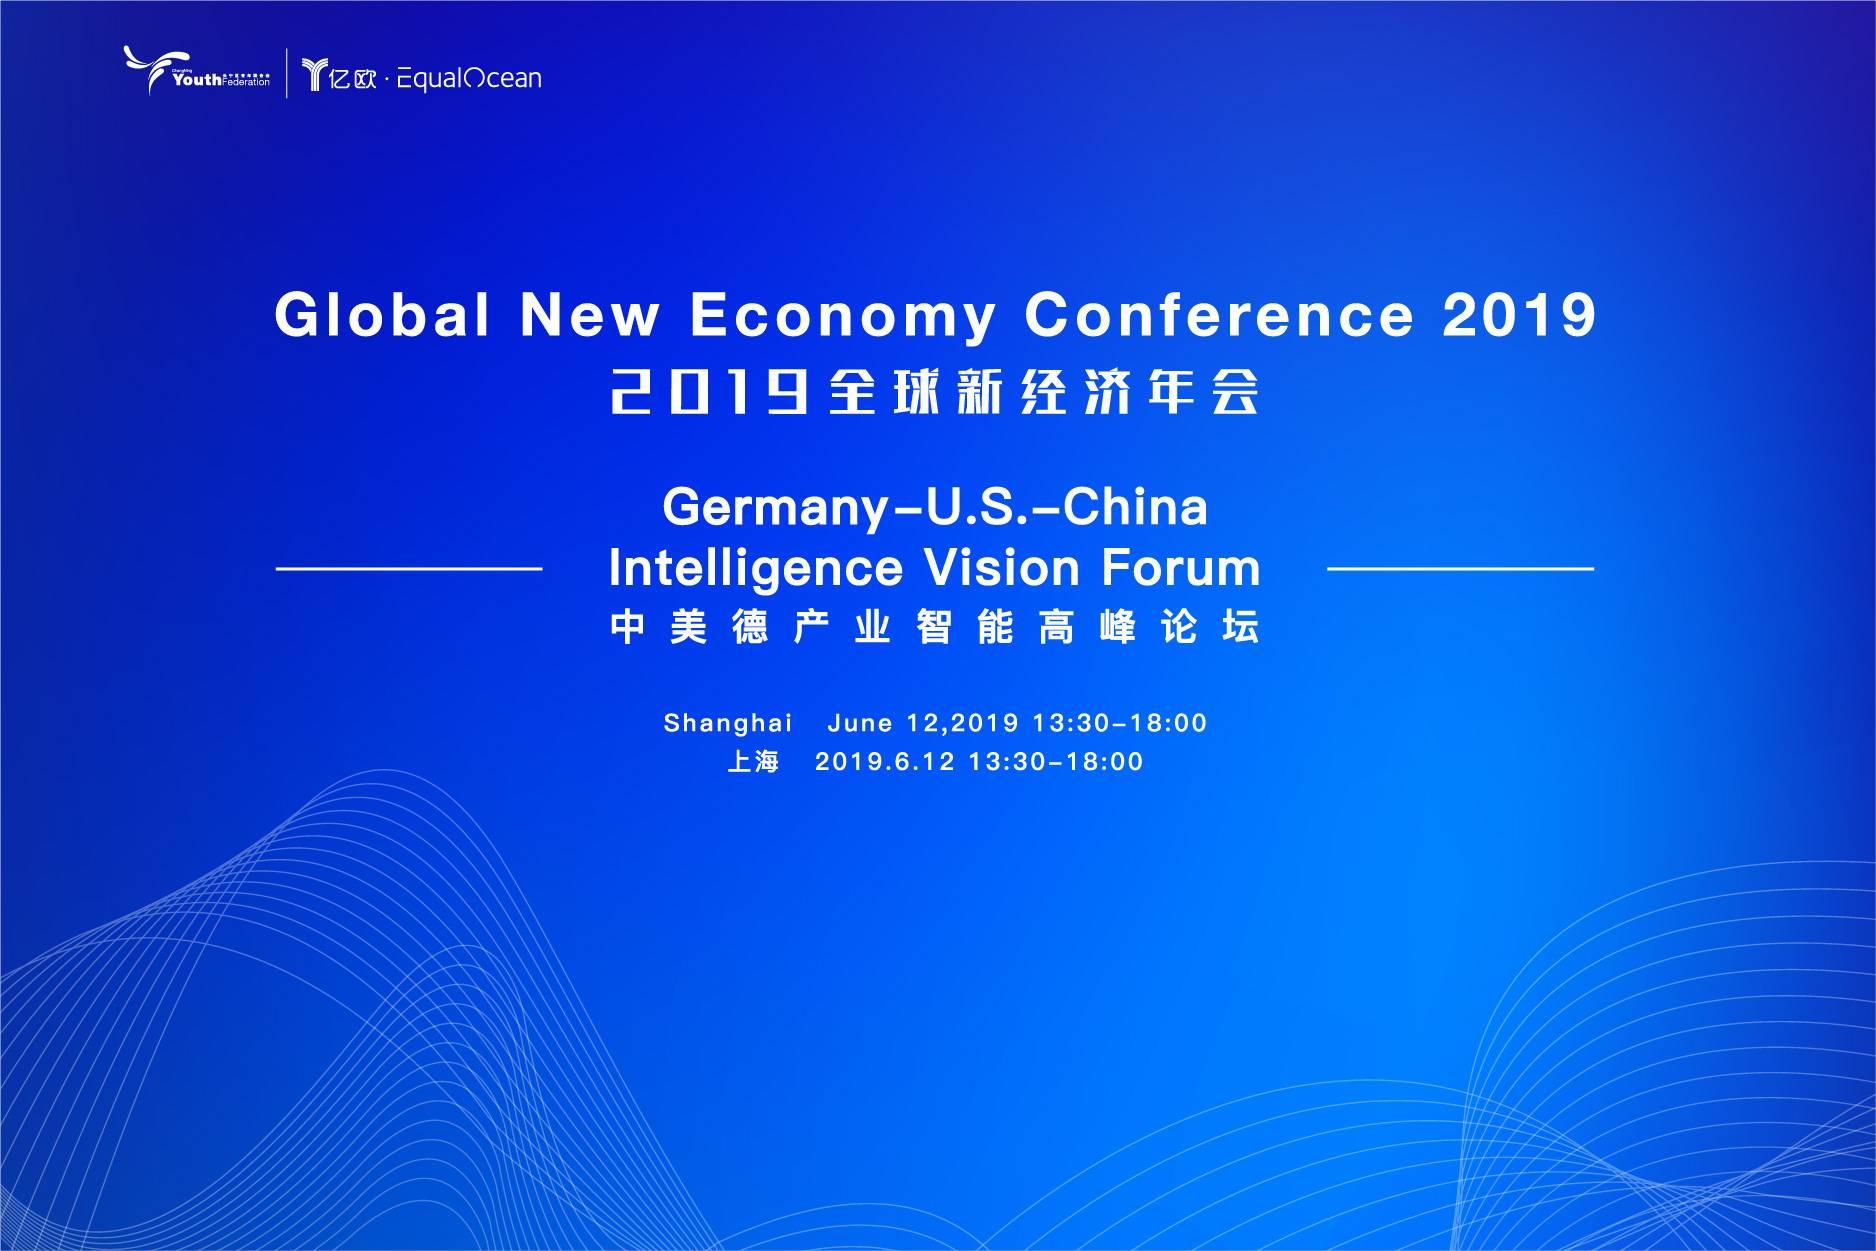 2019全球新經濟年會-中美德產業智能高峰論壇